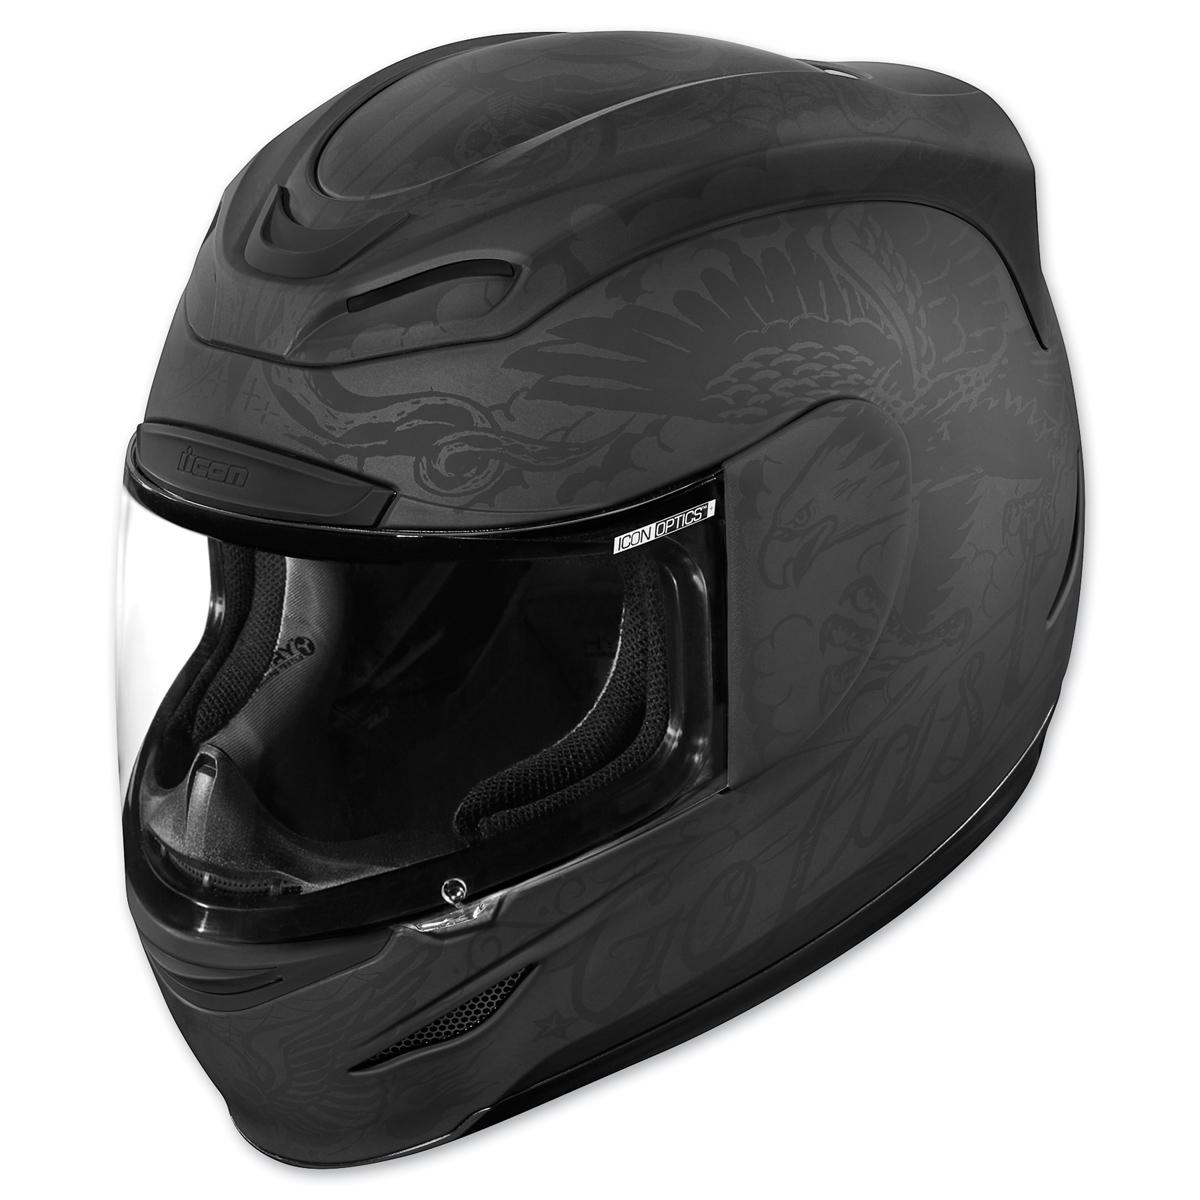 ICON Airmada Scrawl Black Full Face Helmet